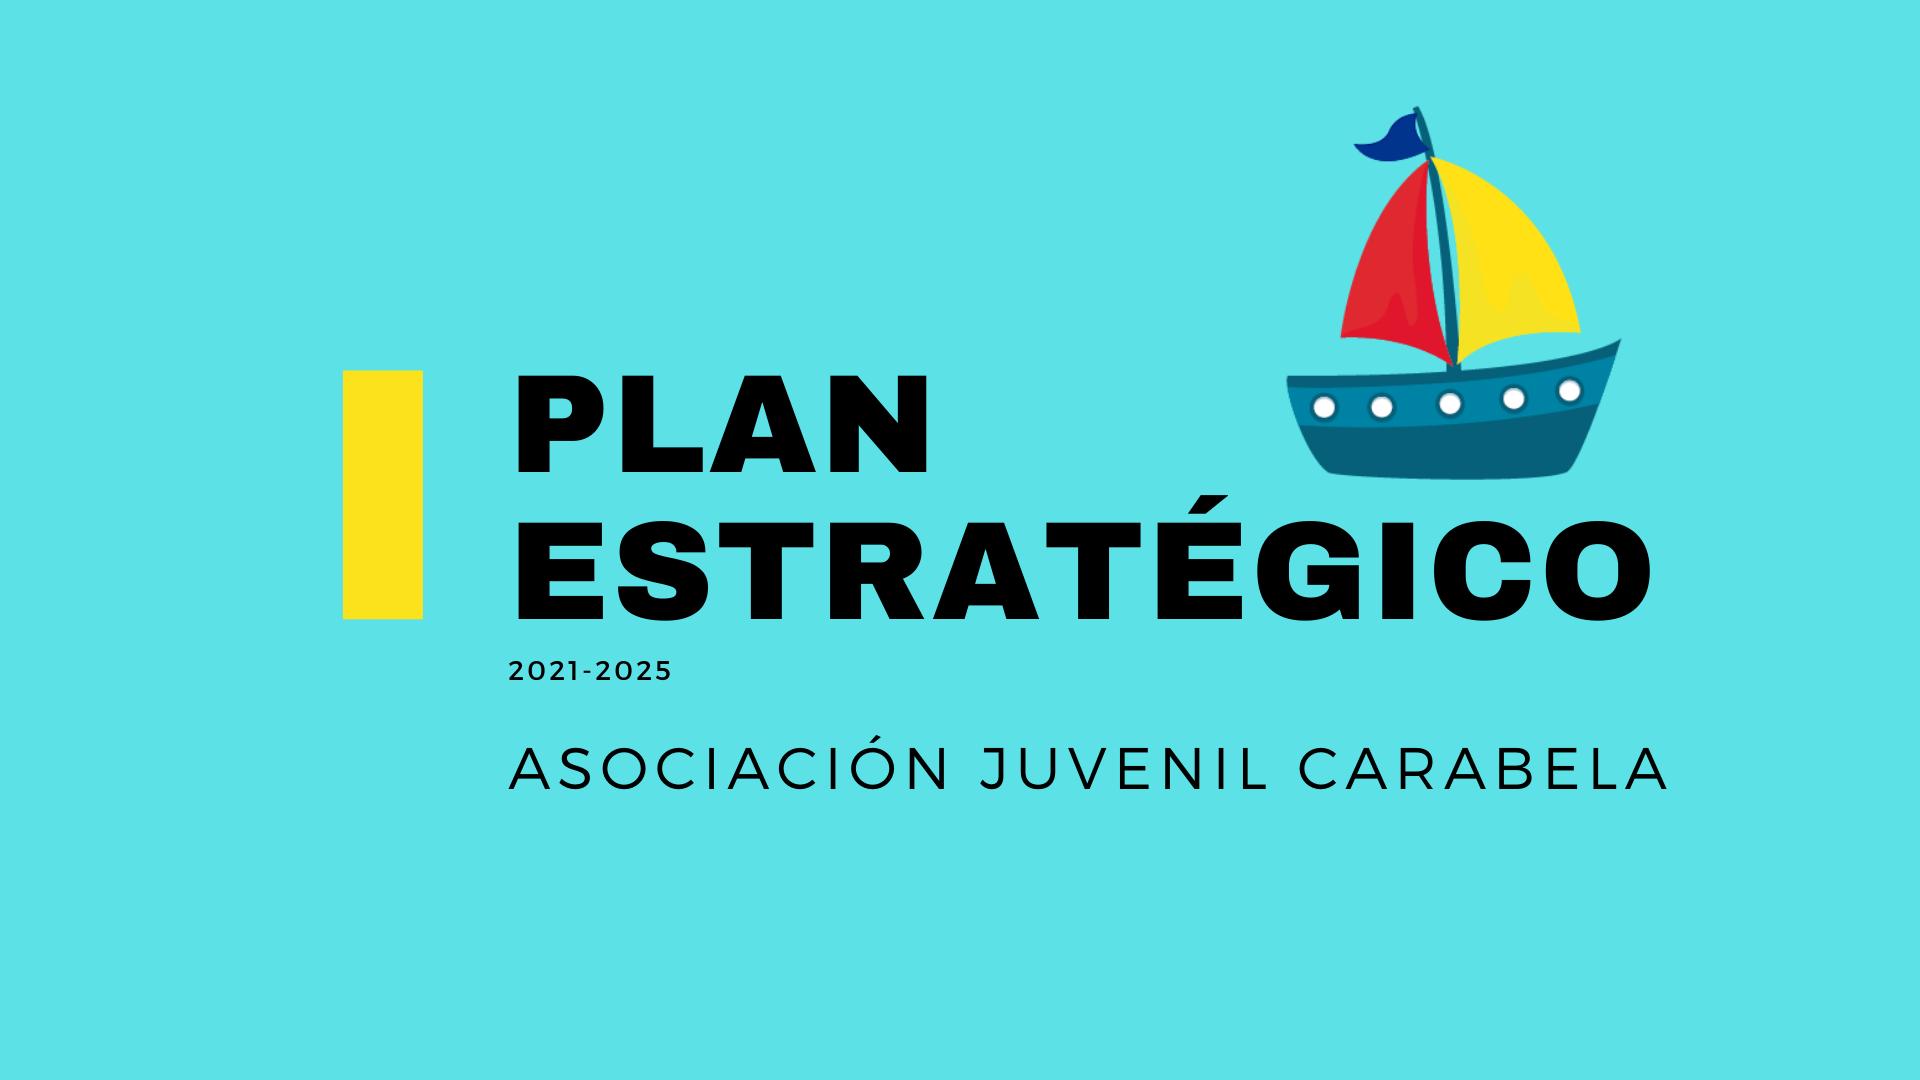 La Asociación Juvenil Carabela trabaja en la creación de su primer plan estratégico